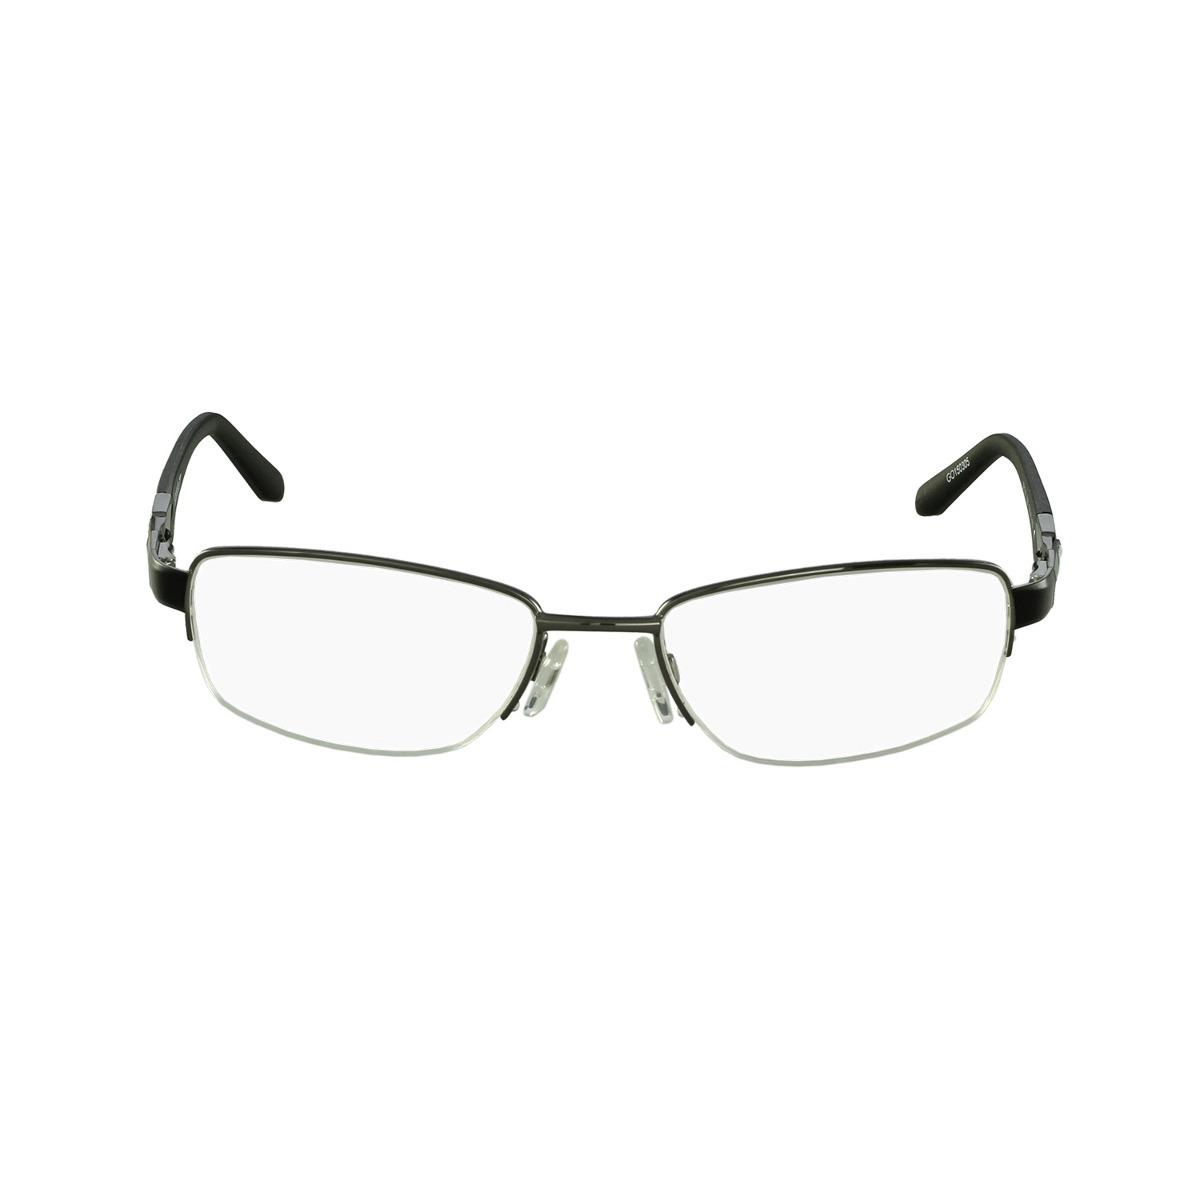 4ef0dd90128a4 Óculos De Grau Speedo Clássico Cinza - R  307,00 em Mercado Livre